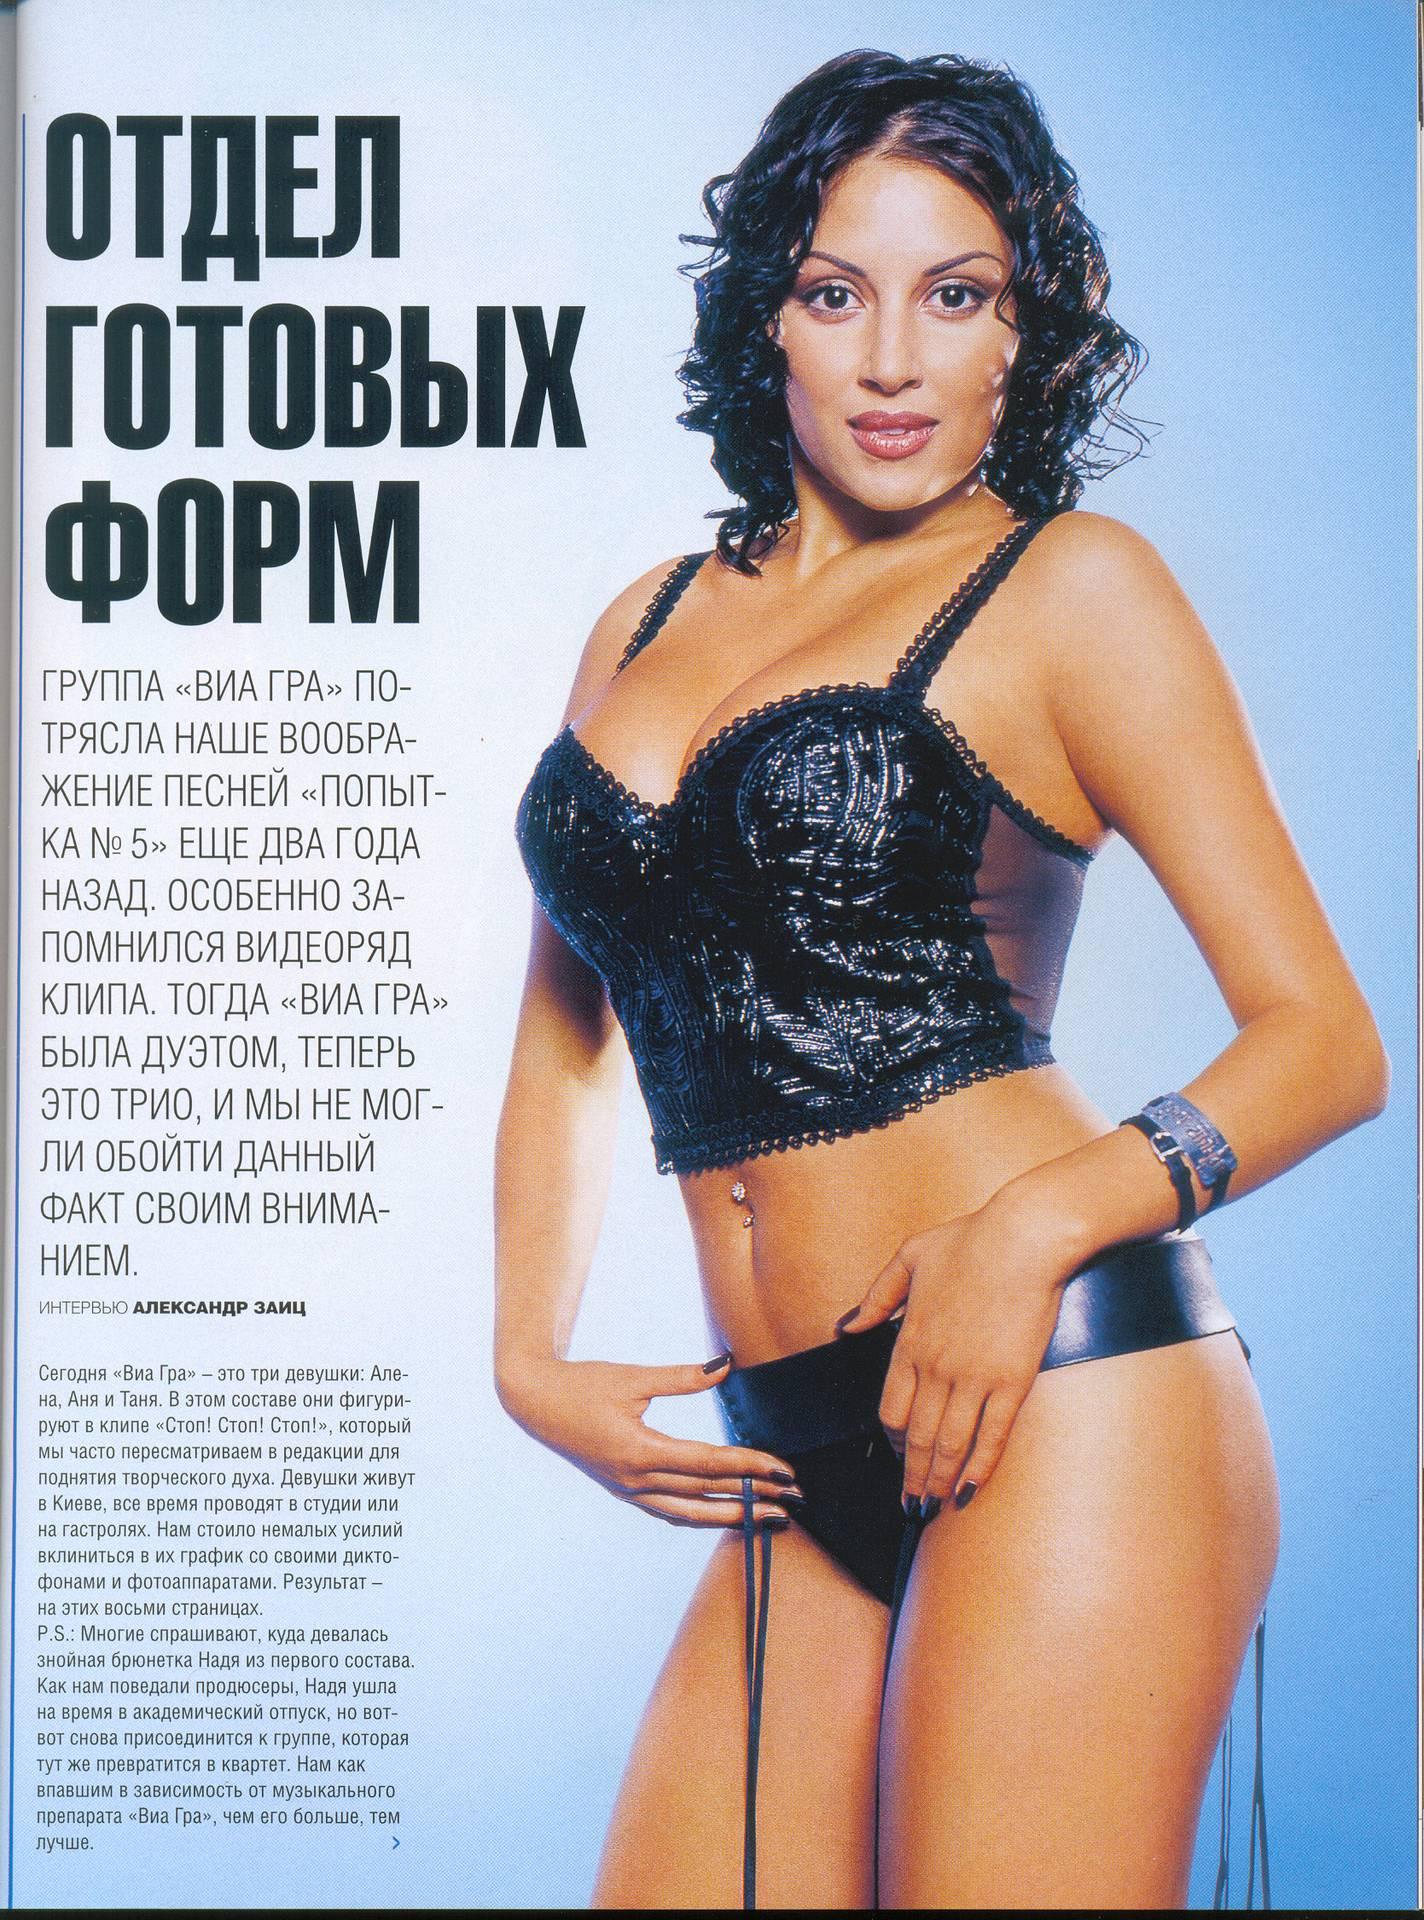 Новое Русское порно 2018 года. Секс русских видео